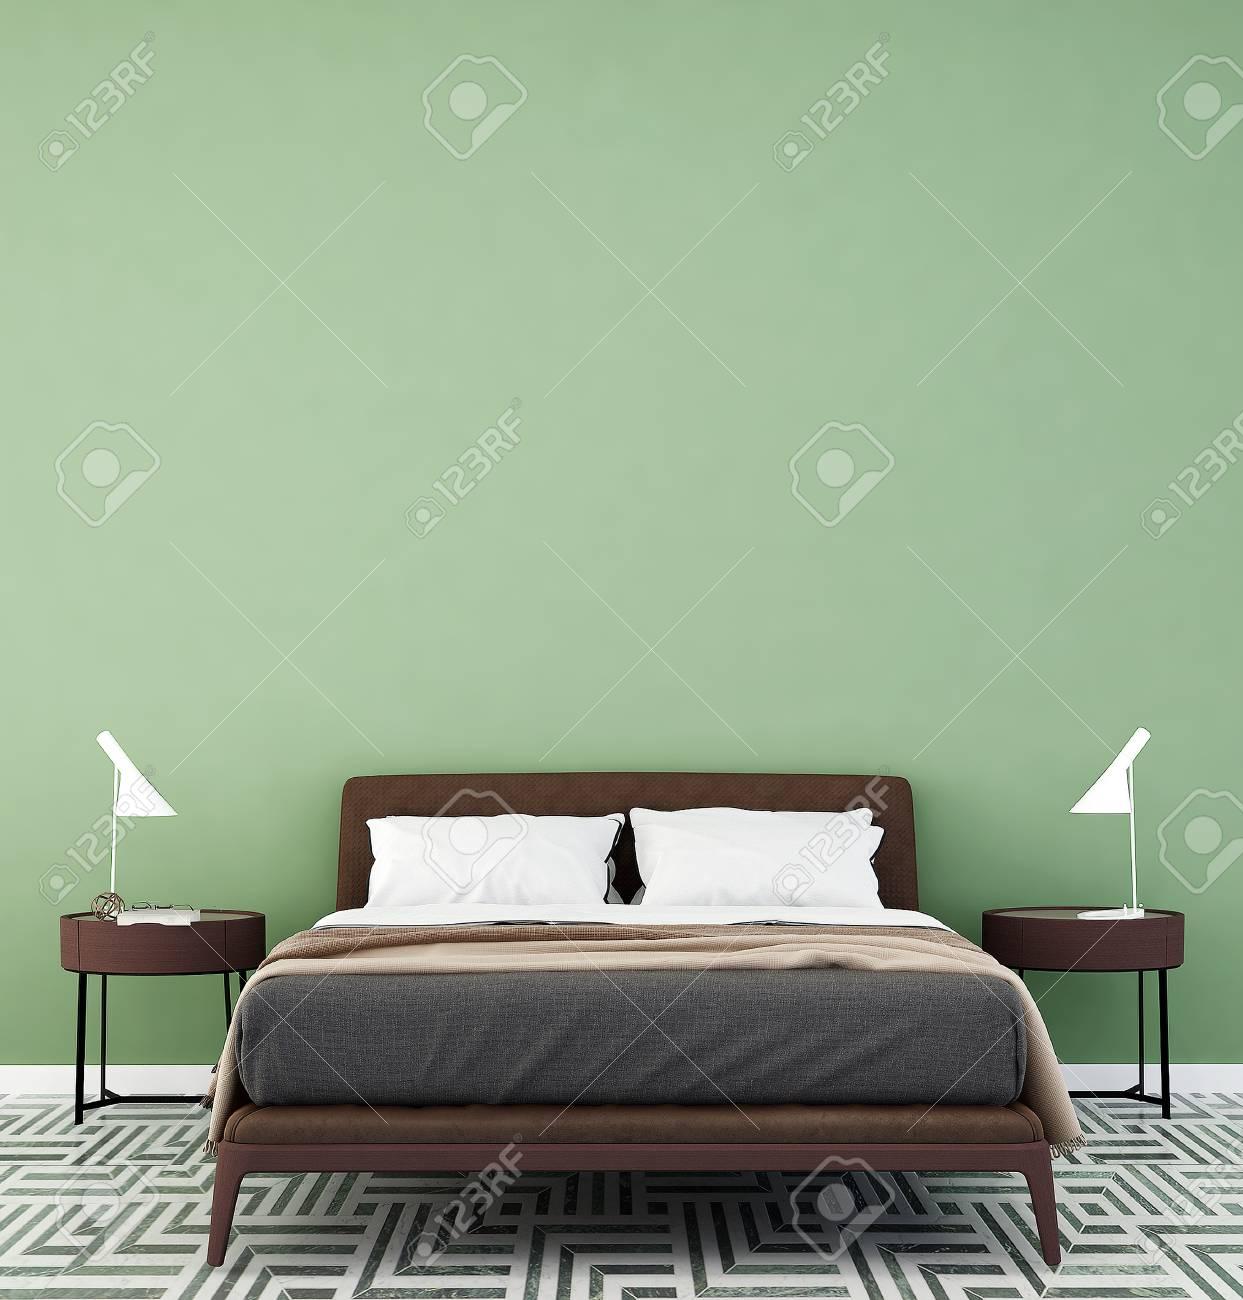 Le concept de l & # 39 ; intérieur idée de chambre moderne et minimaliste  mur vert patern fond